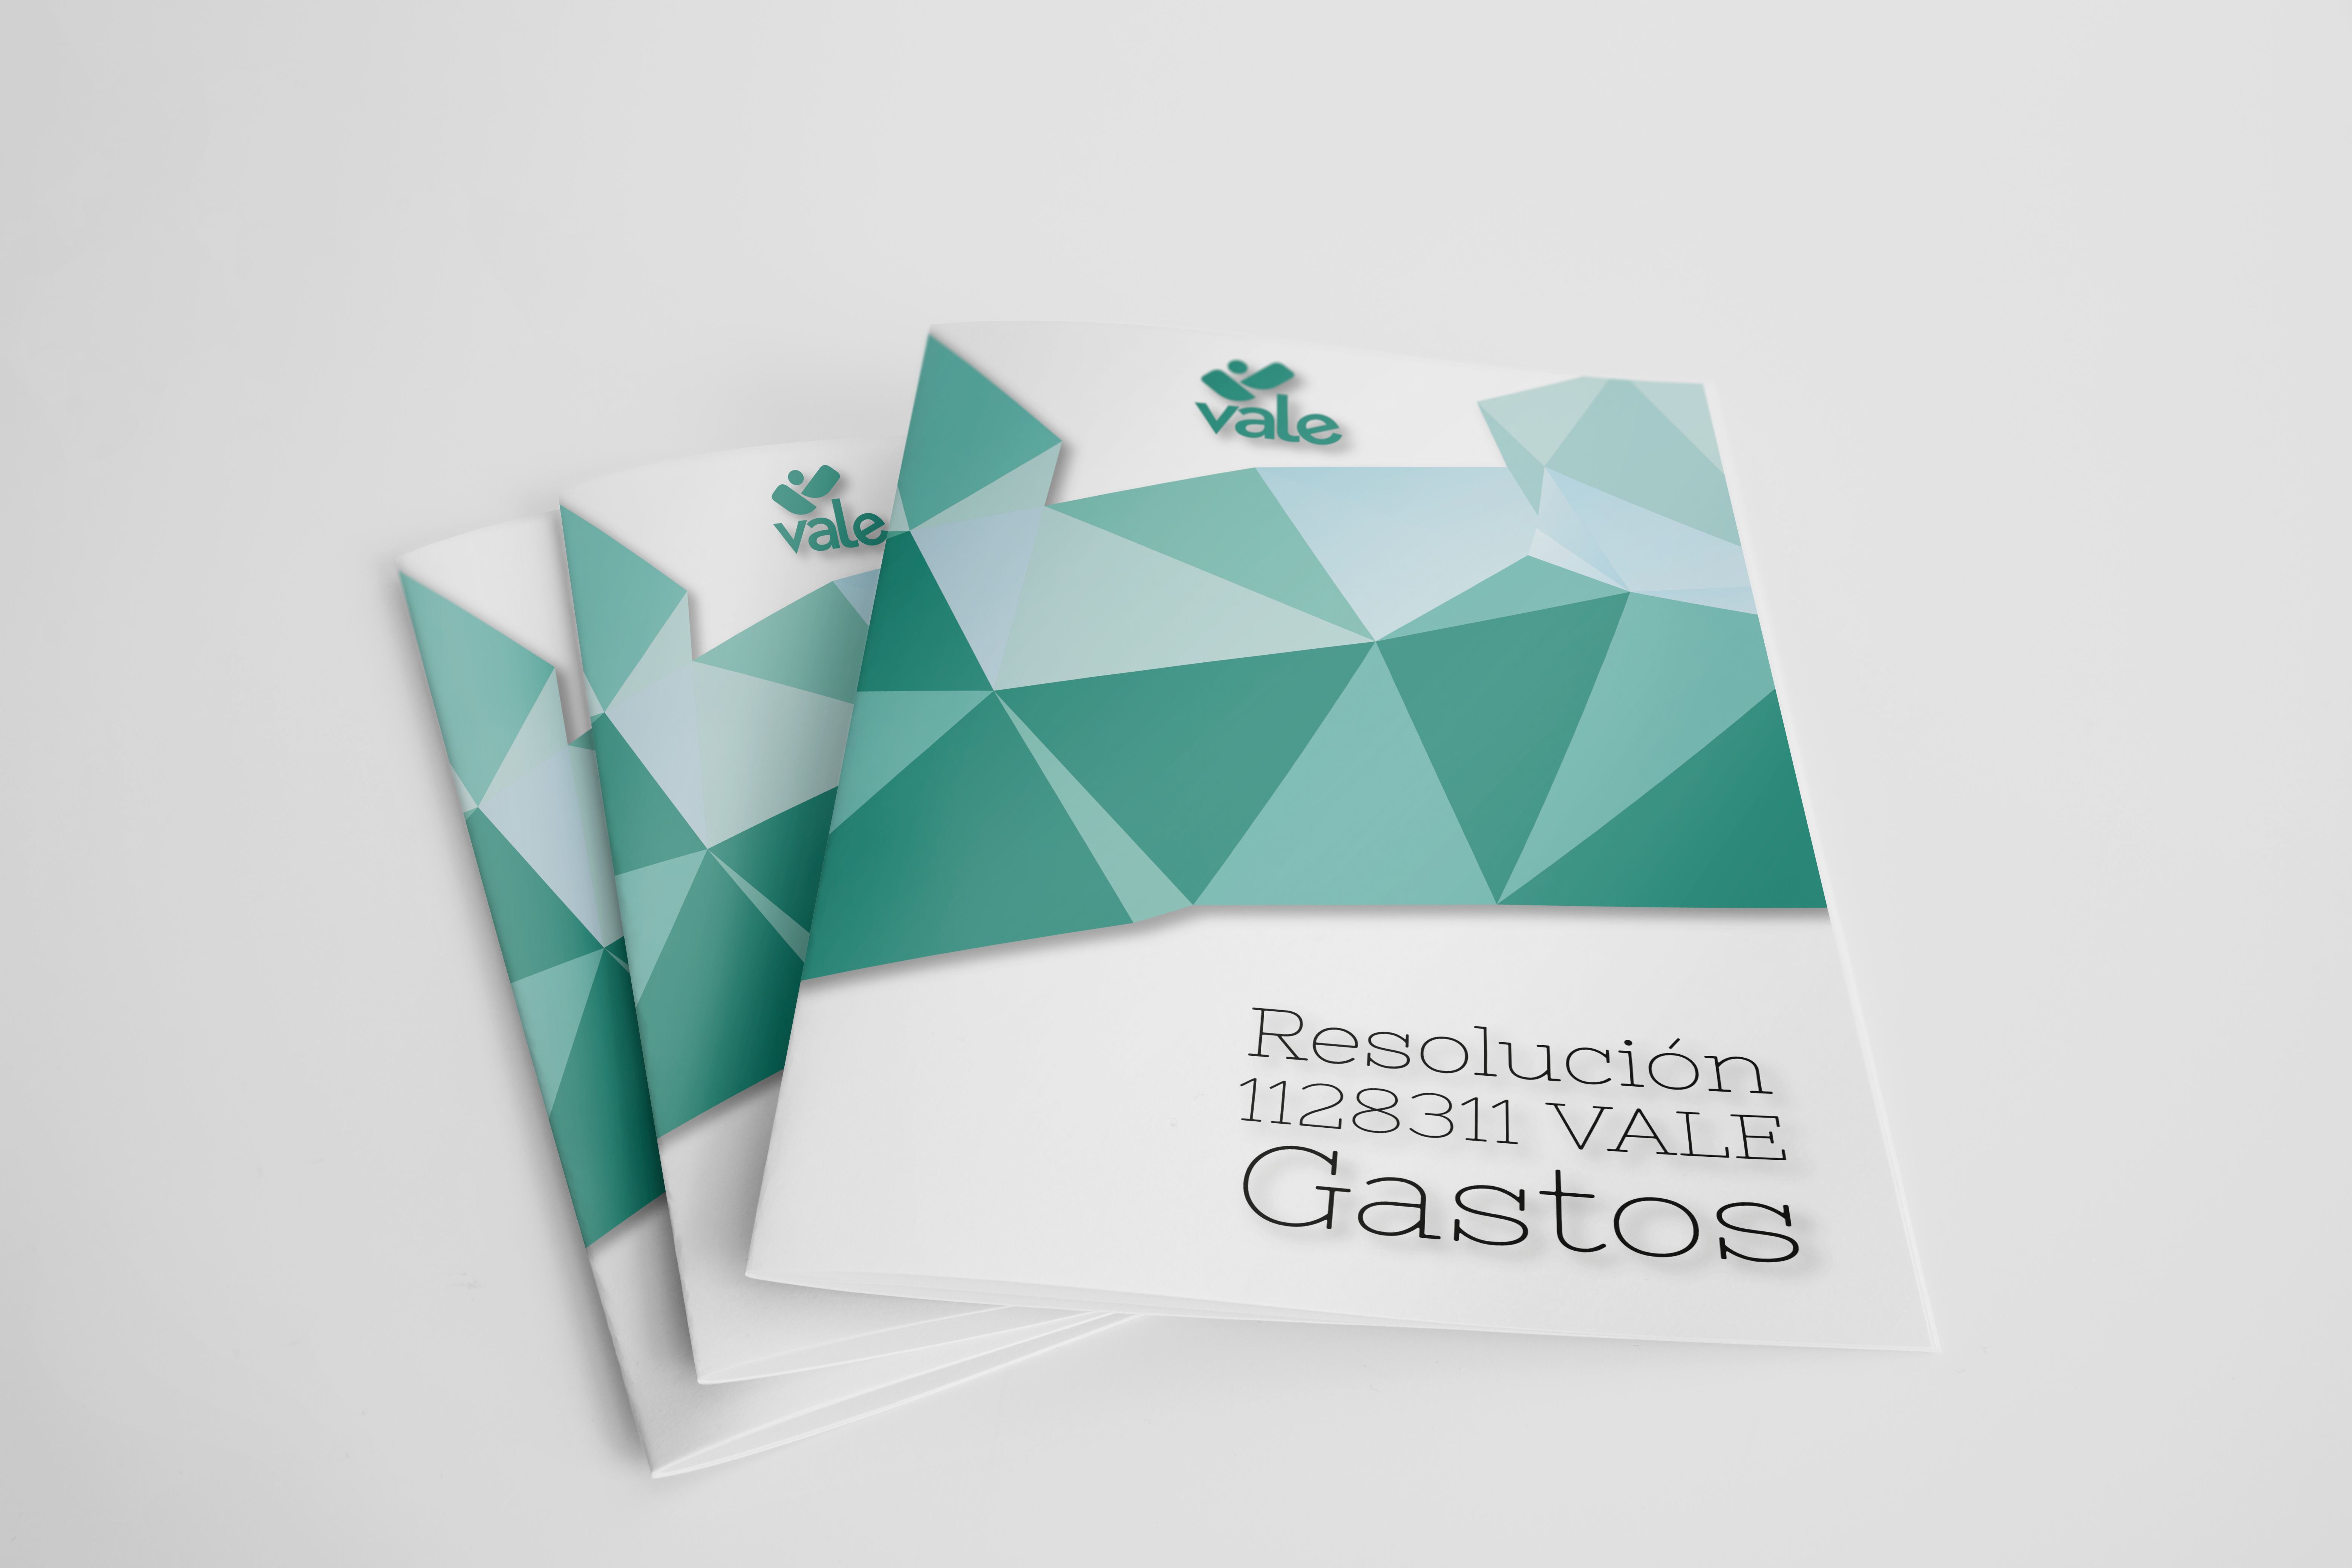 Resolución 1128311 VALE Gastos